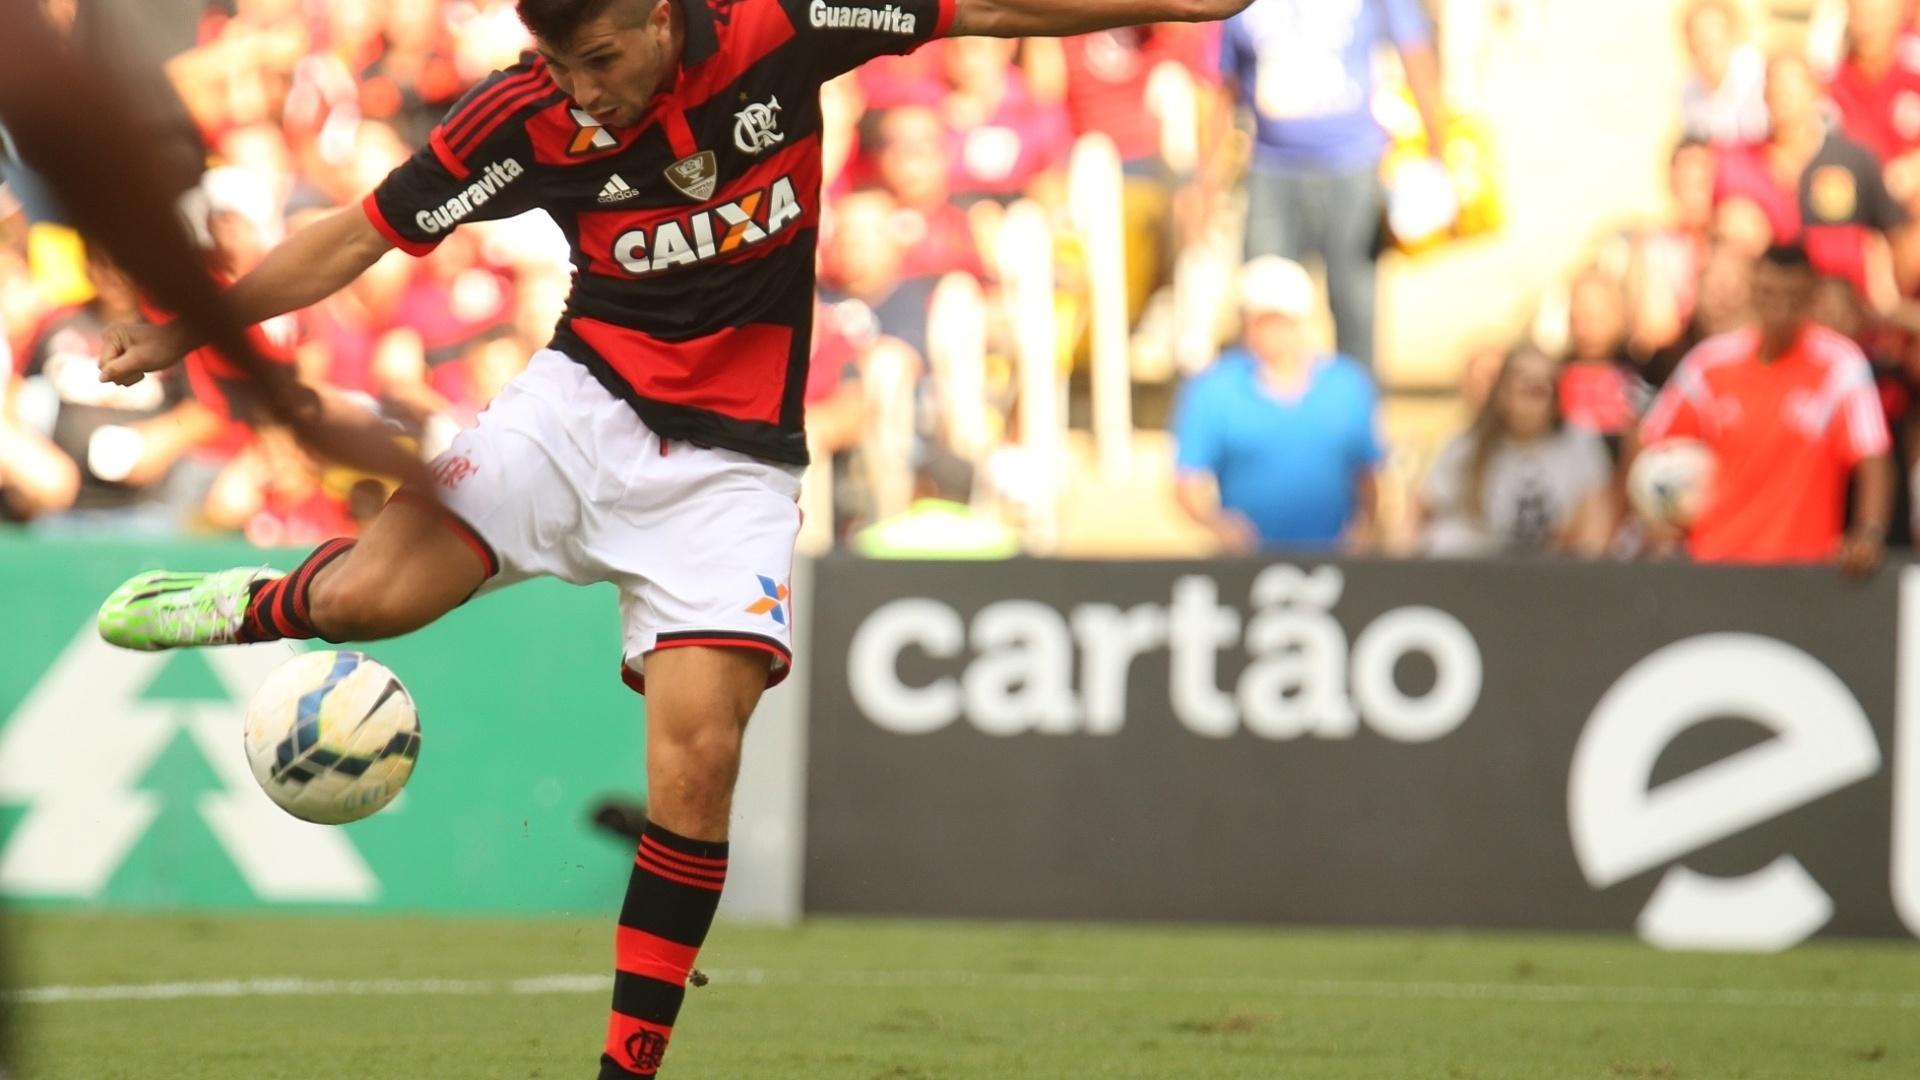 Lucas Mugni manda a bola para o fundo do gol do Coritiba no jogo do Flamengo